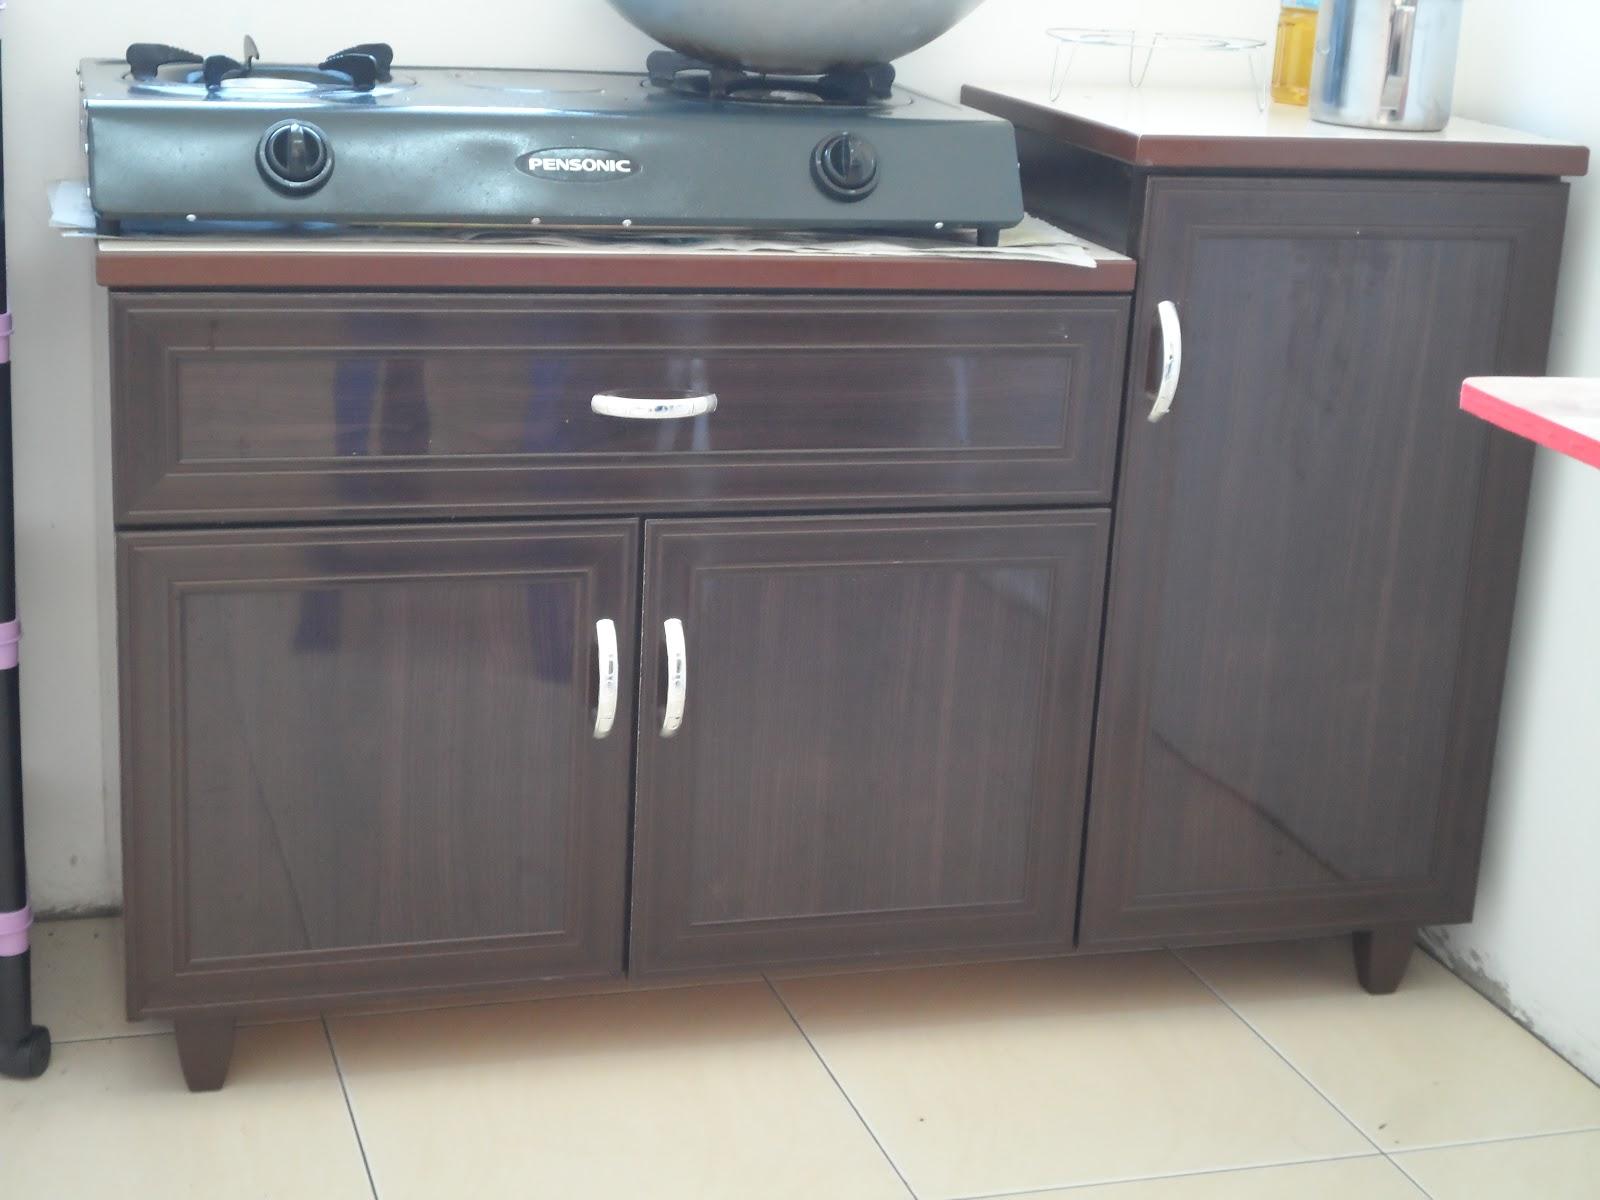 Meja Dapur Murah 600 X 145 Sesibukecil Diy Jimatkan Masa Aktiviti Mengelap Lepas